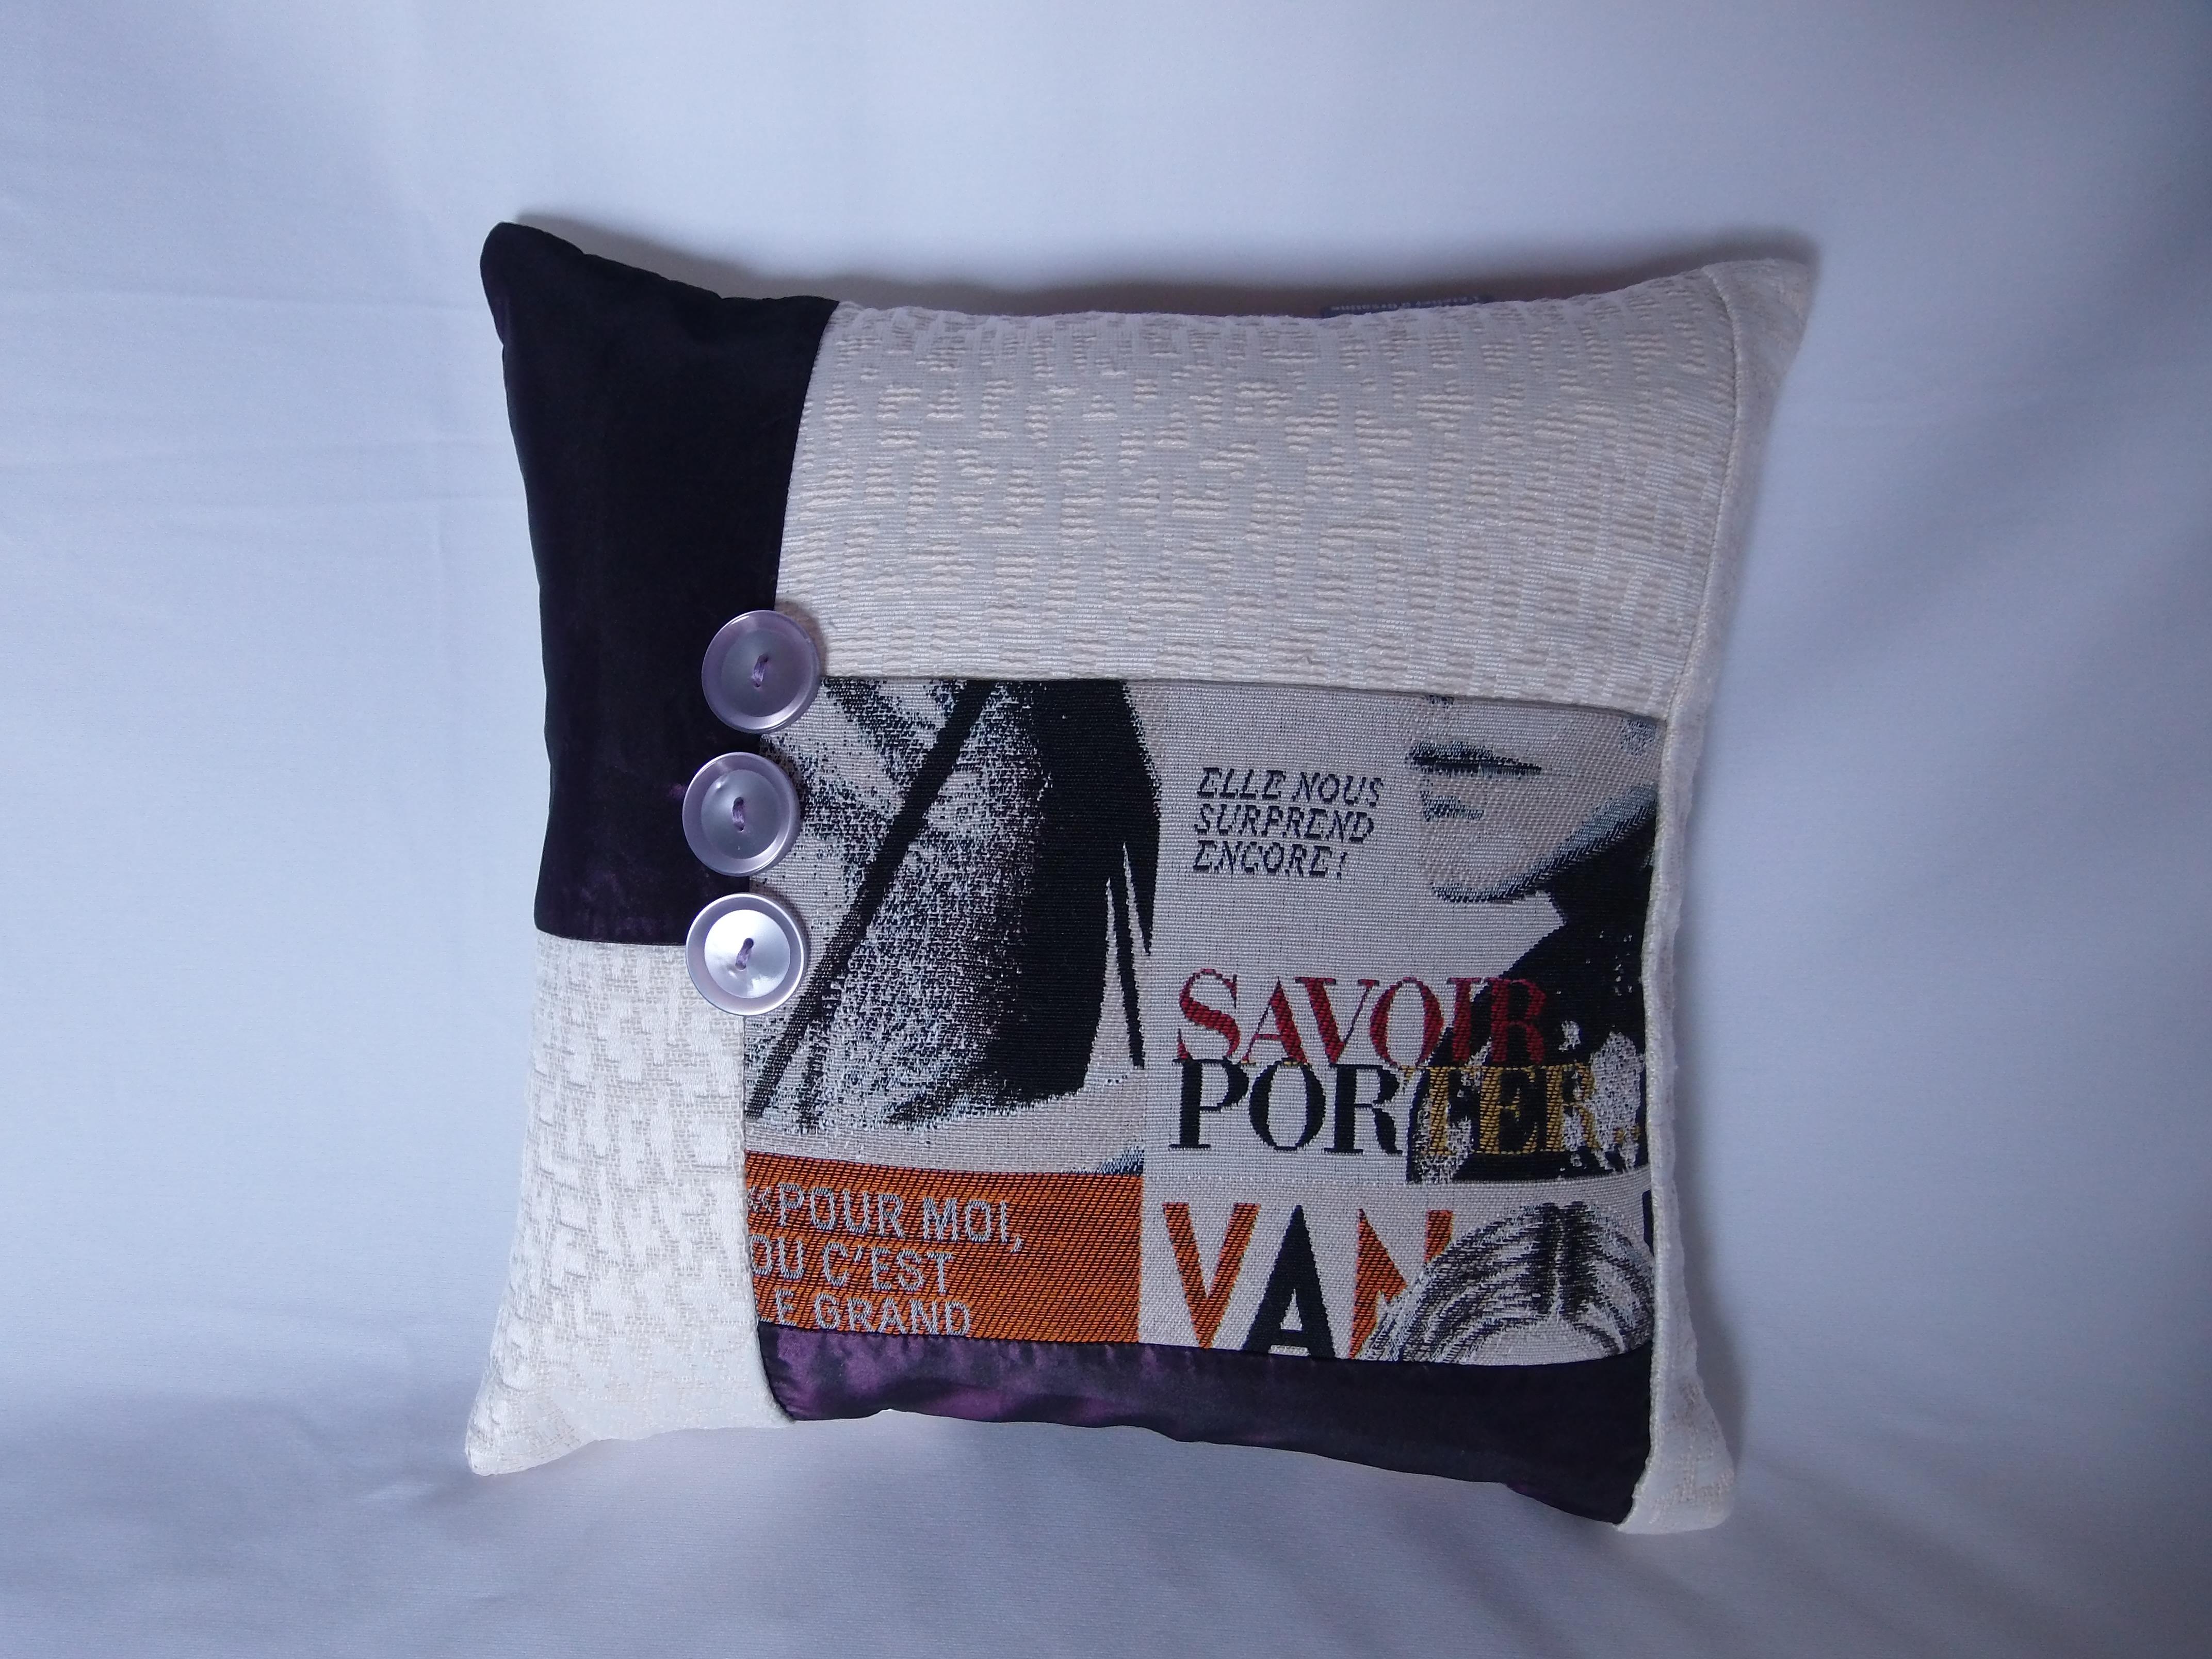 coussin boutons patchwork 30x30 mod le salsola maison et deco textiles tapis par 22atelier27. Black Bedroom Furniture Sets. Home Design Ideas